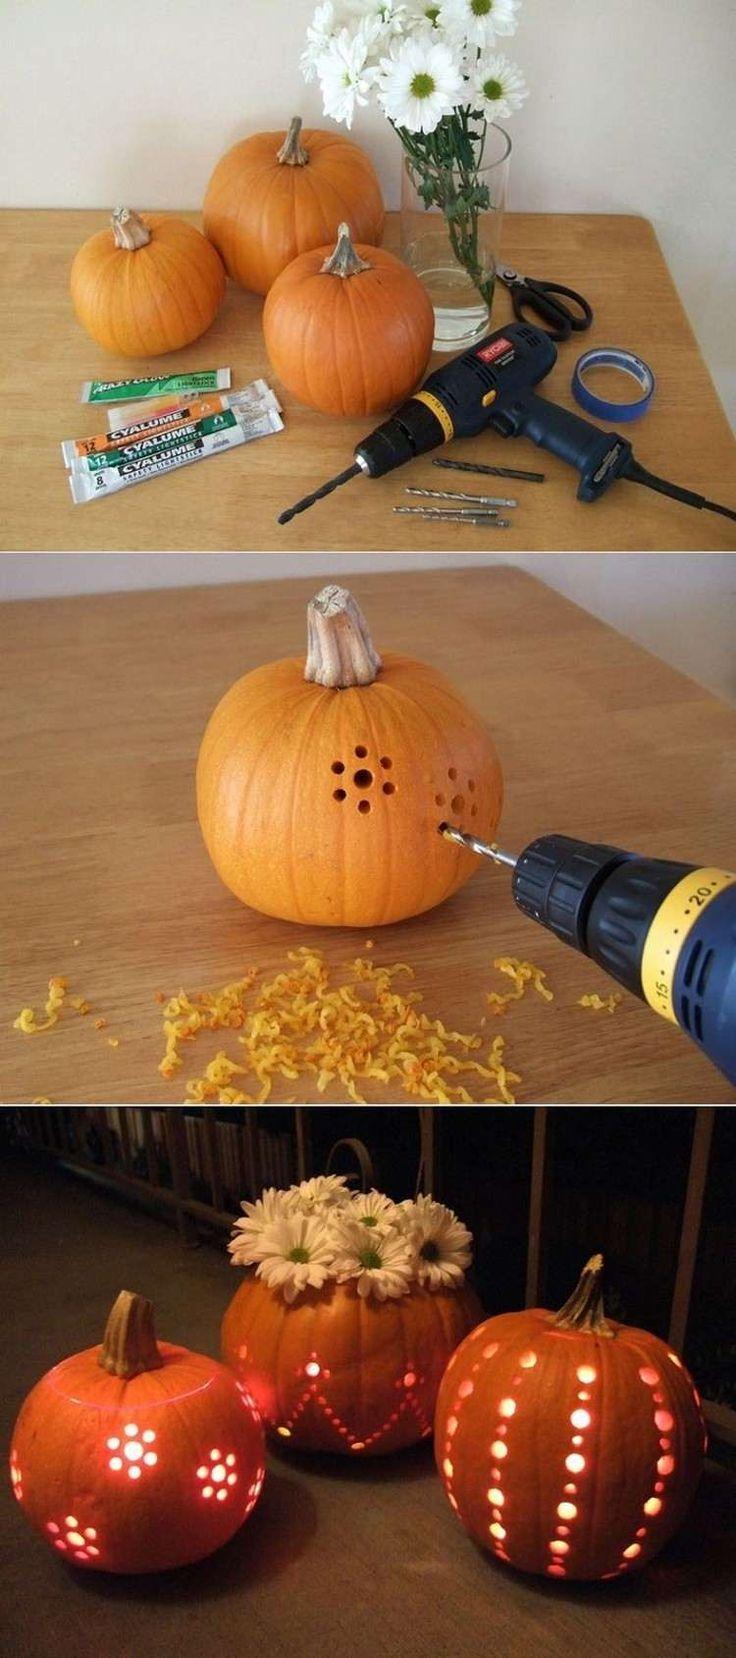 Décoration citrouille d'automne idées inspirantes à